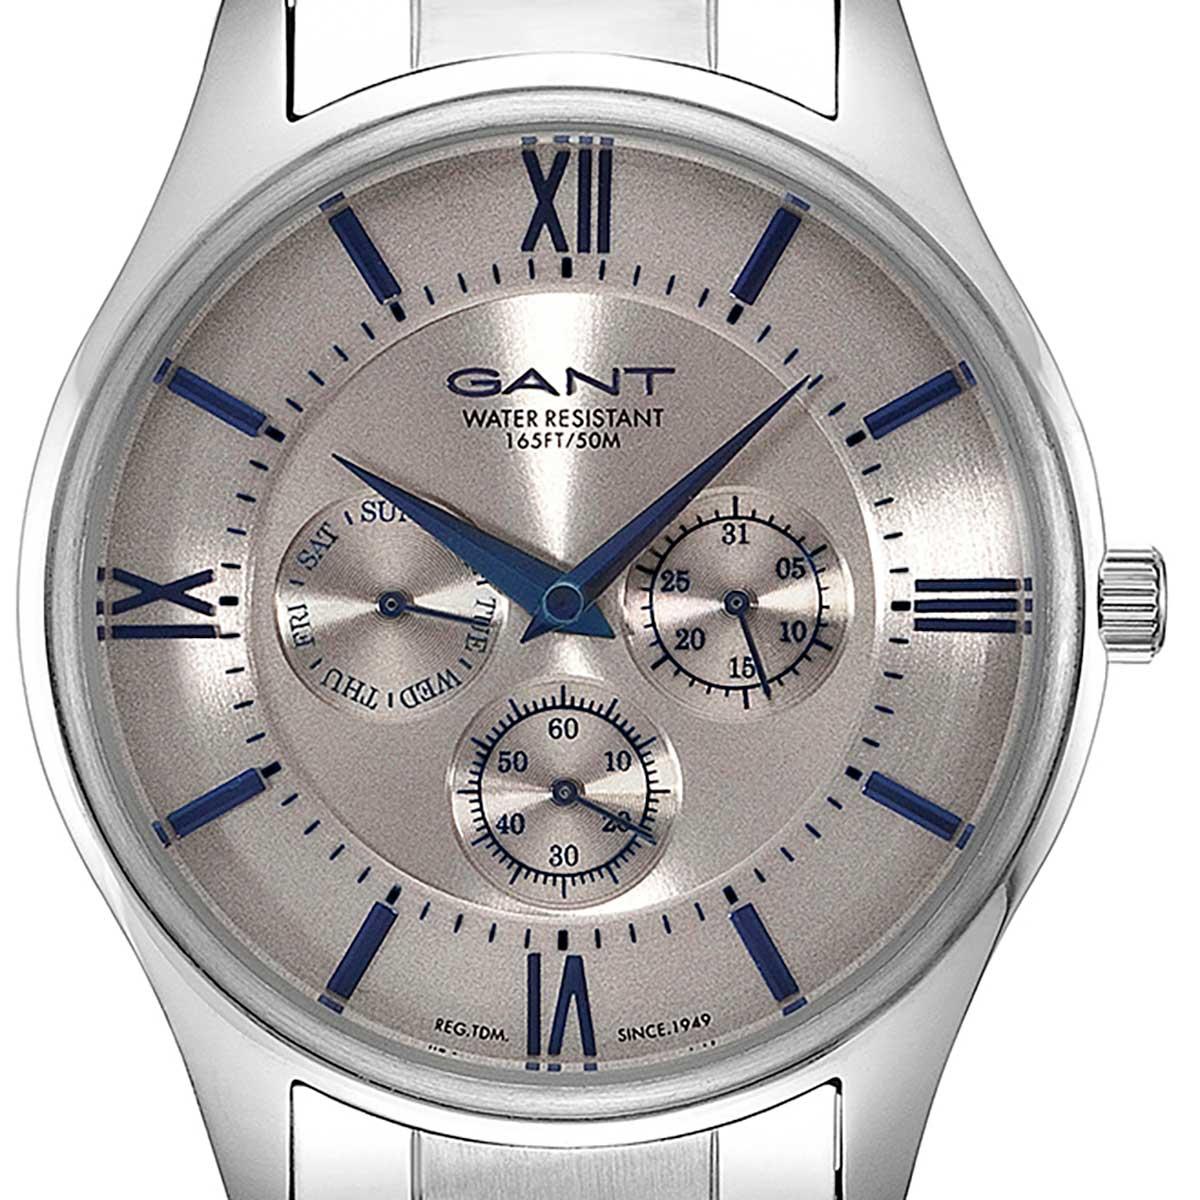 【残り1点】GANT ガント 電池式クォーツ 腕時計 [GT001003] 並行輸入品 デイデイト